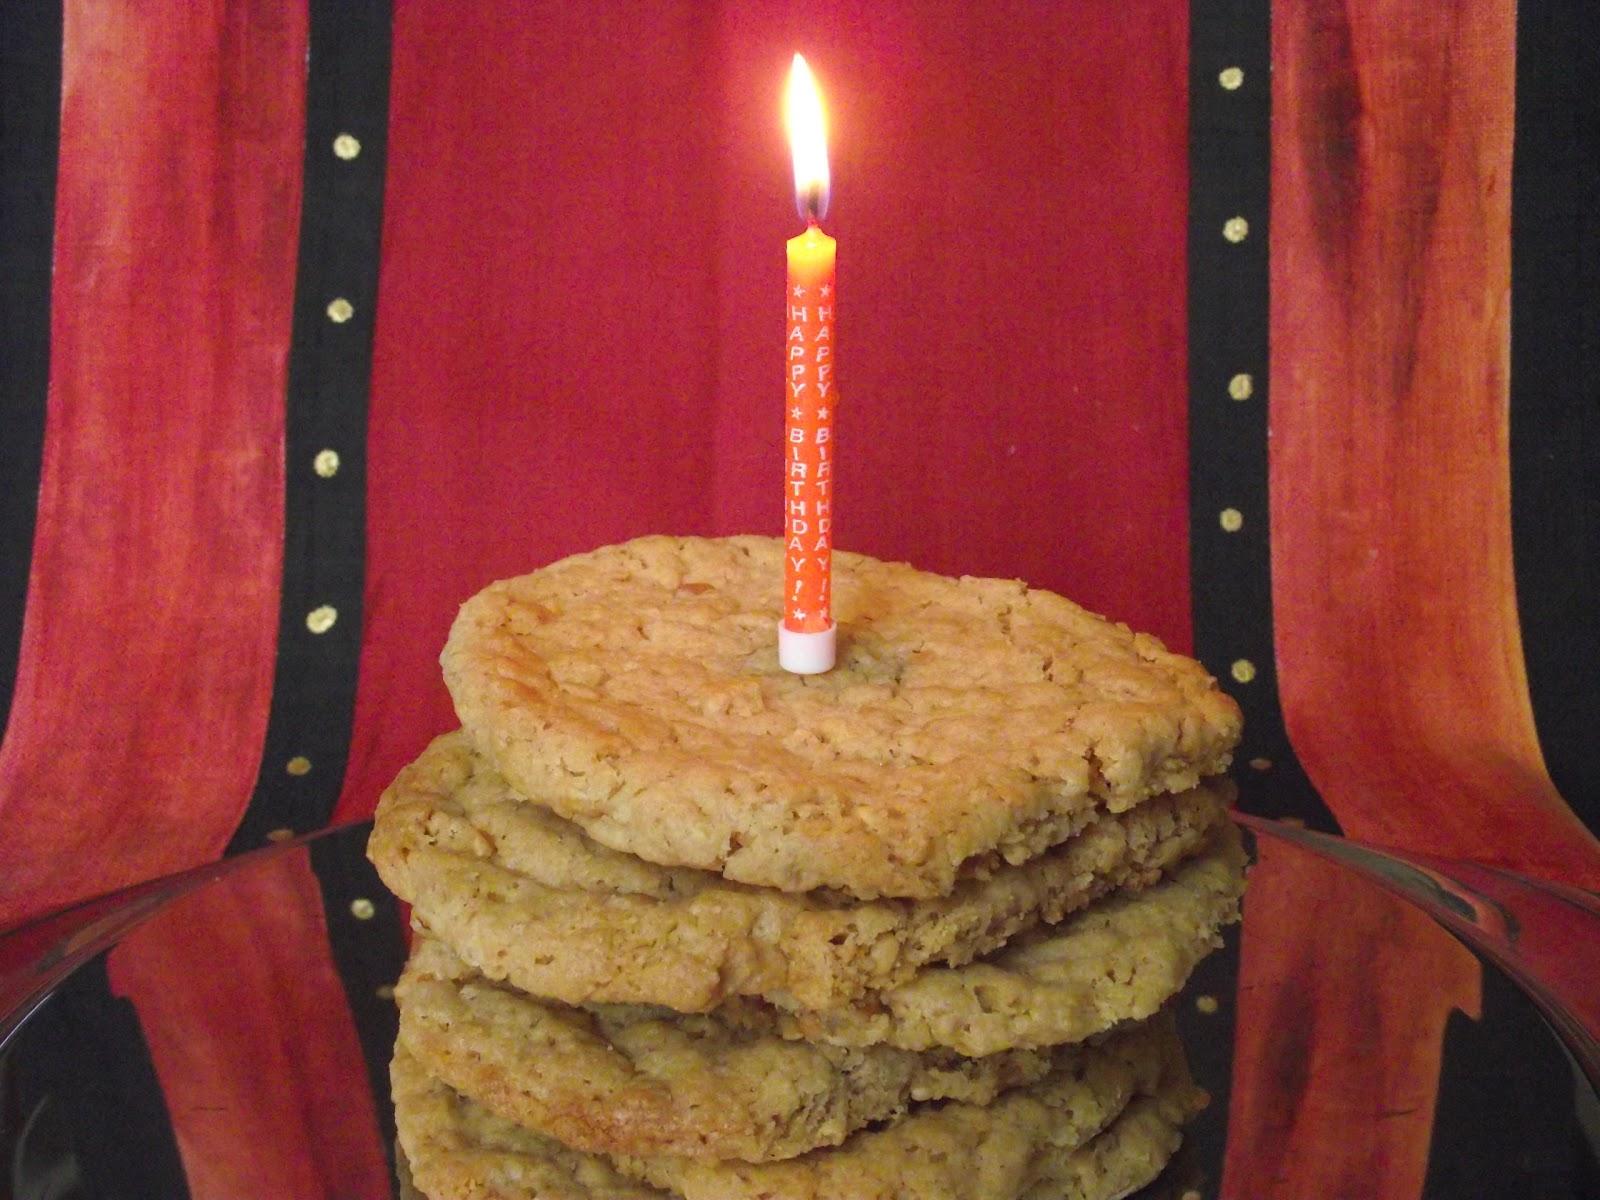 http://3.bp.blogspot.com/-cvewYqxObAM/Tmy9tsxRTdI/AAAAAAAAAgk/jsfiBISaYKk/s1600/BDay+Crunchy+Peanut+Butter+Cake.JPG